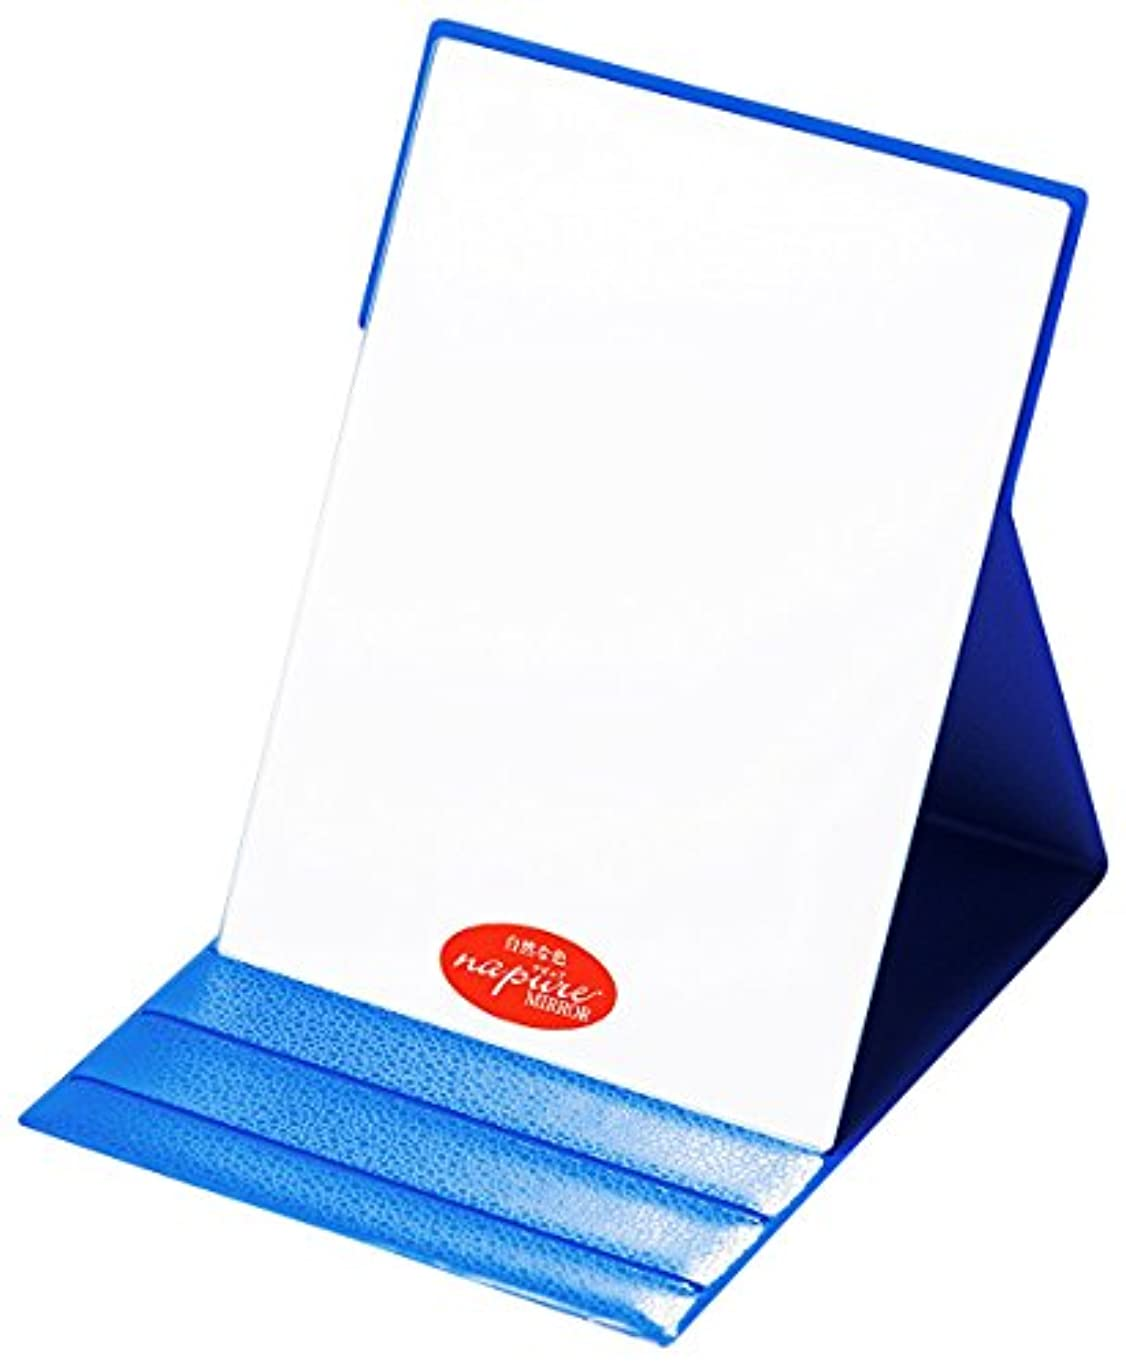 人質世界の窓インド堀内鏡工業 キットソン×ナピュア折立ミラー M ブルー